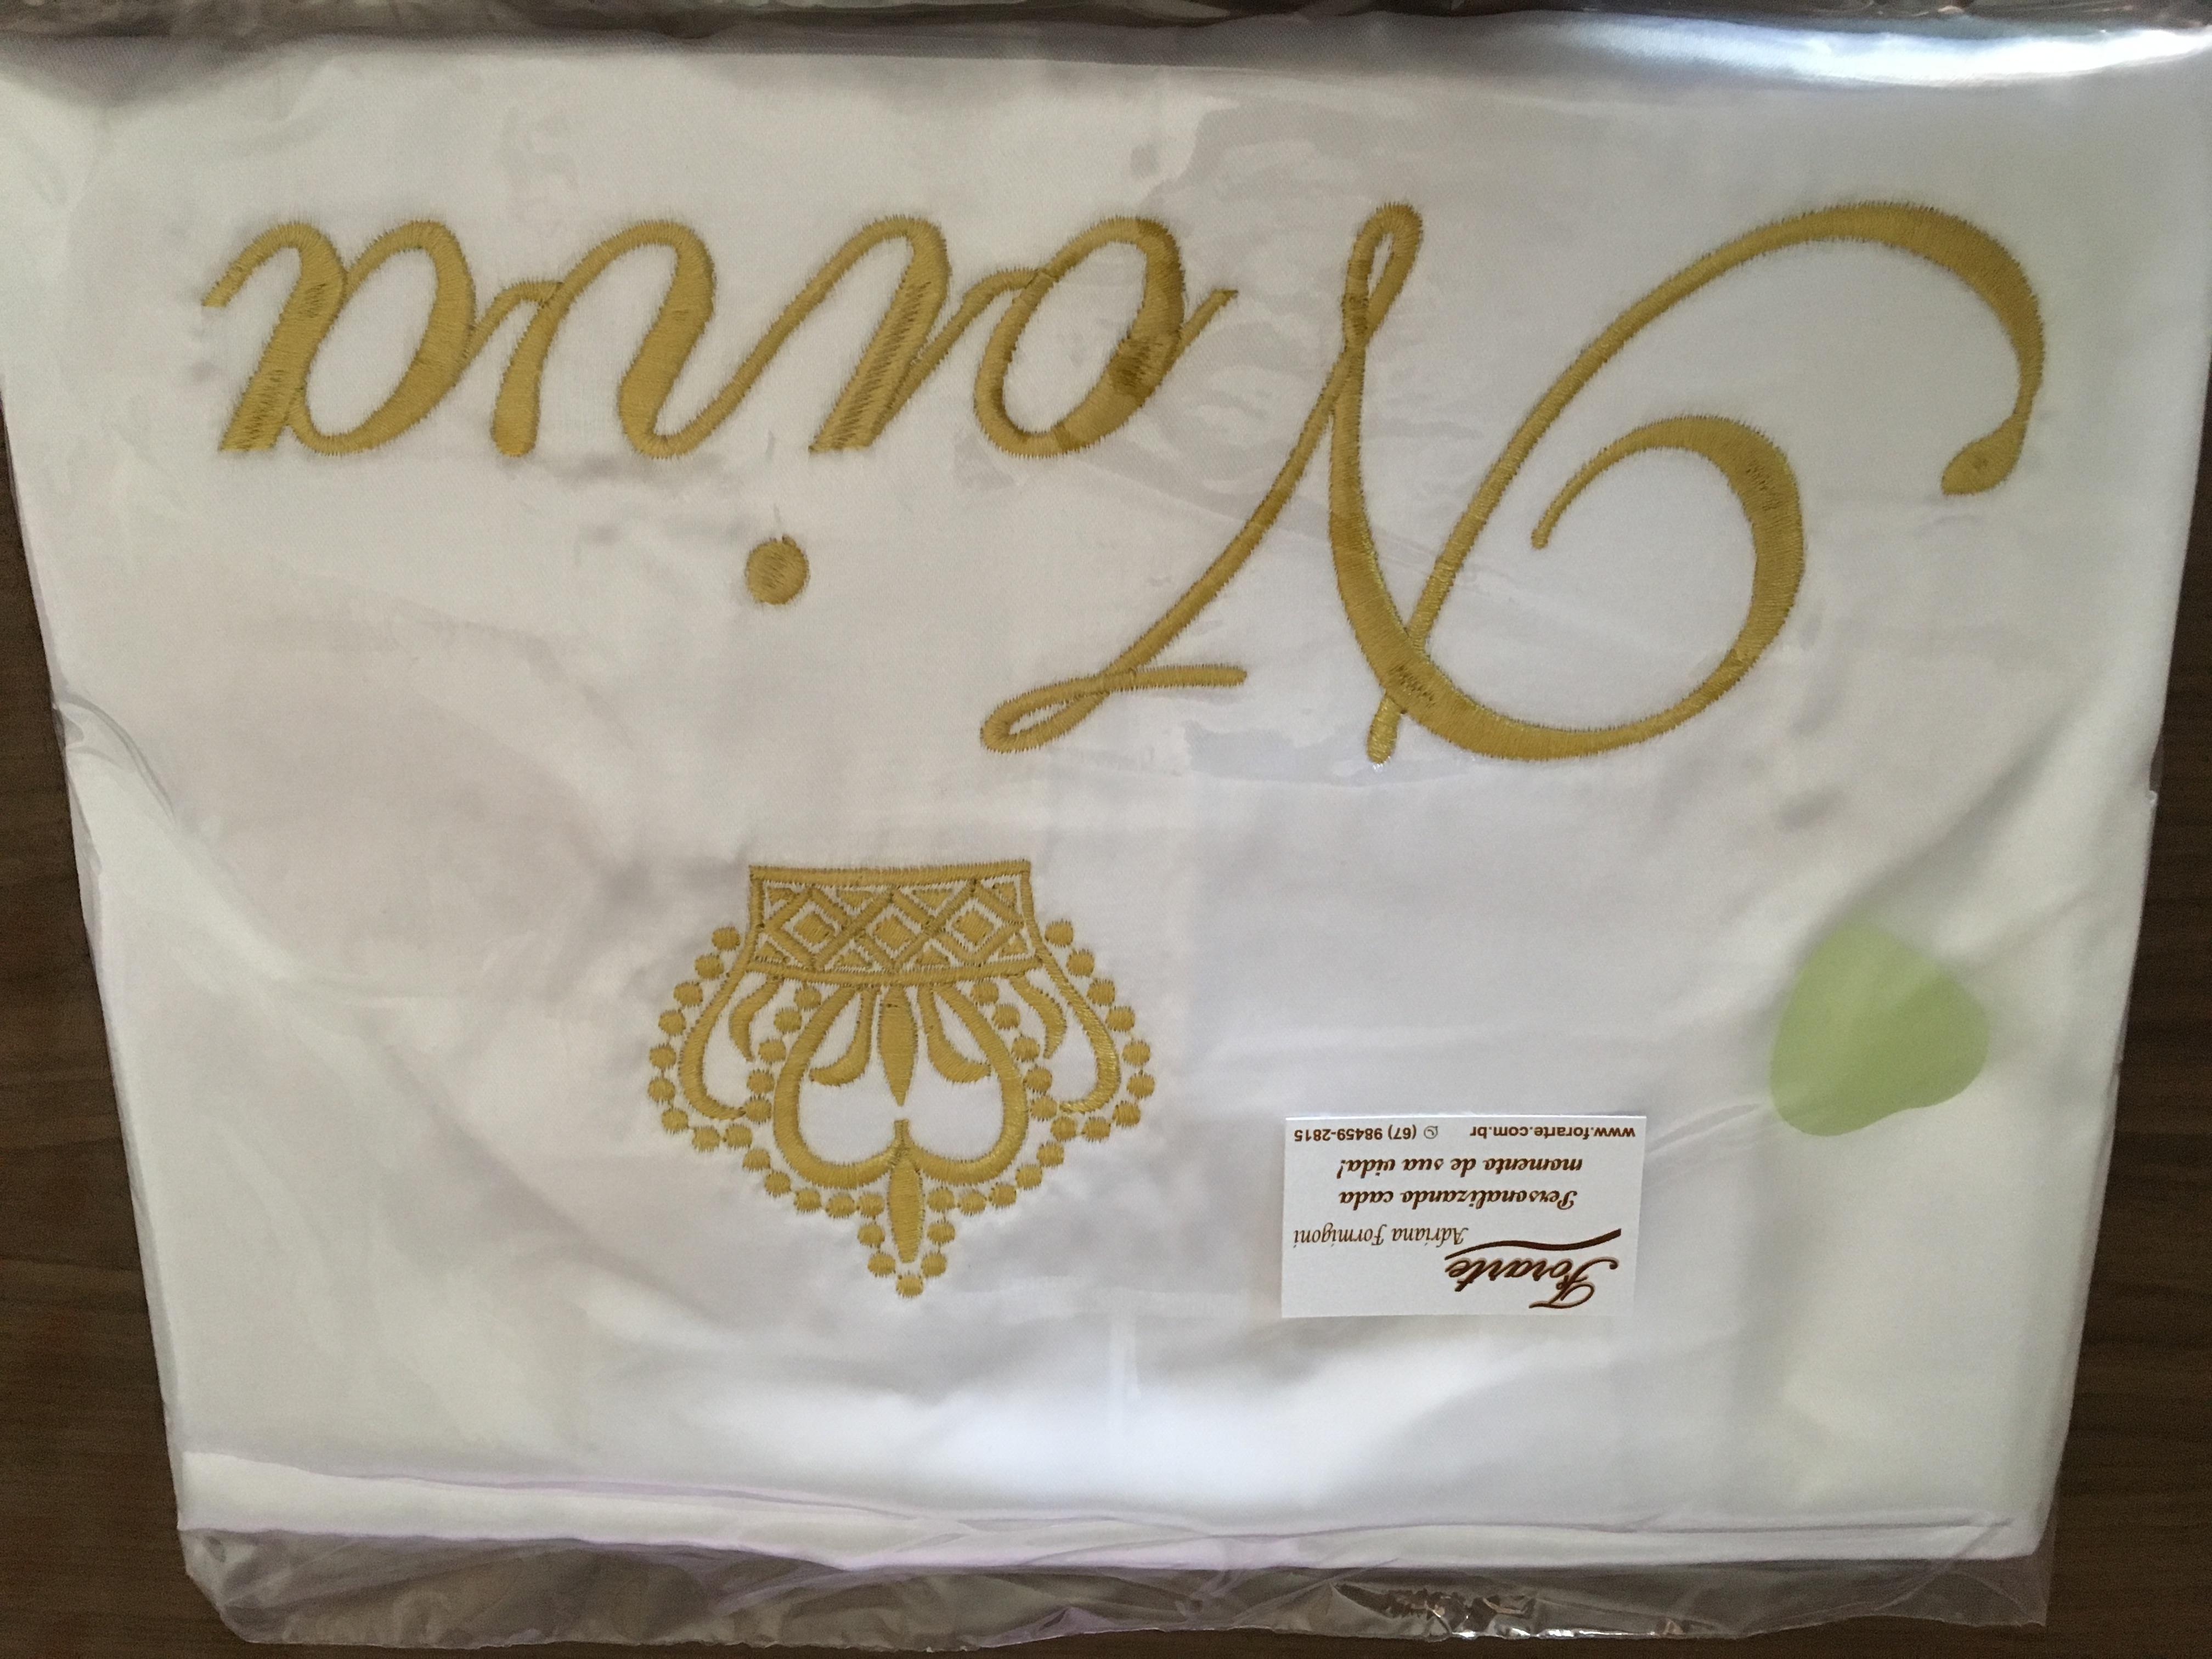 459680c1668602 Forarte - Robes personalizados em Campo Grande